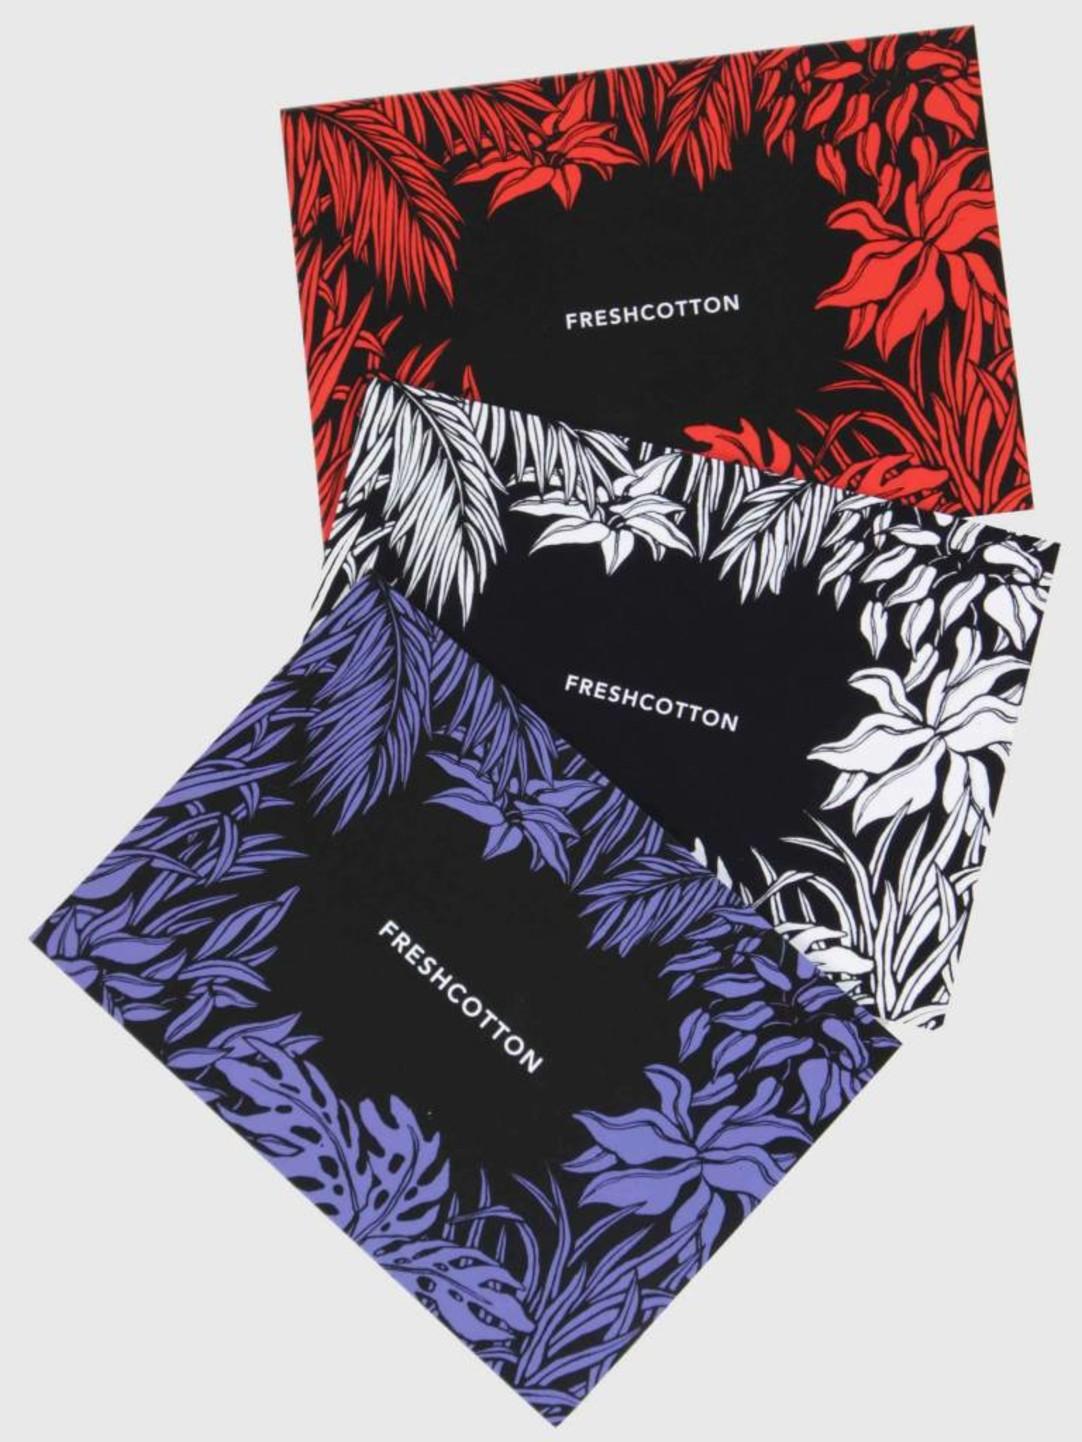 FRESHCOTTON FreshCotton Giftcard 15 Euro Purple